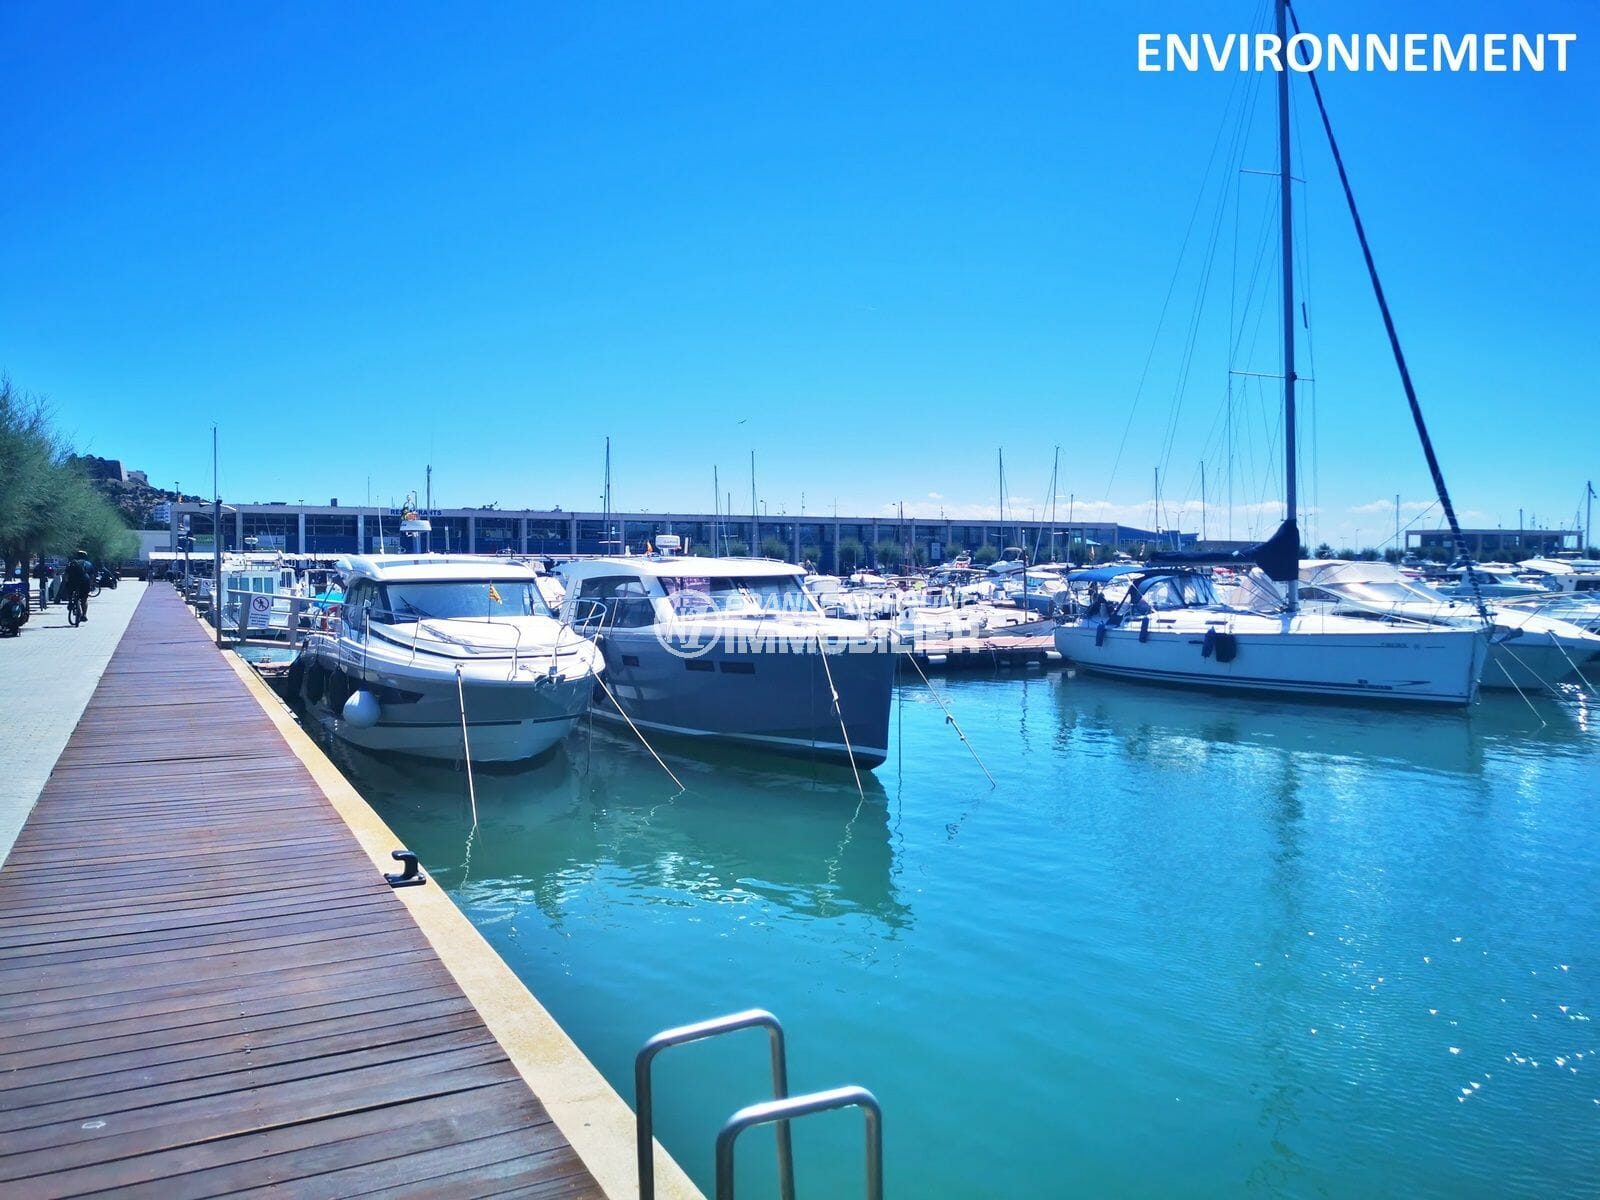 achat maison espagne costa brava: le paradis du bateau sur une mer turquoise à 1hr de la france